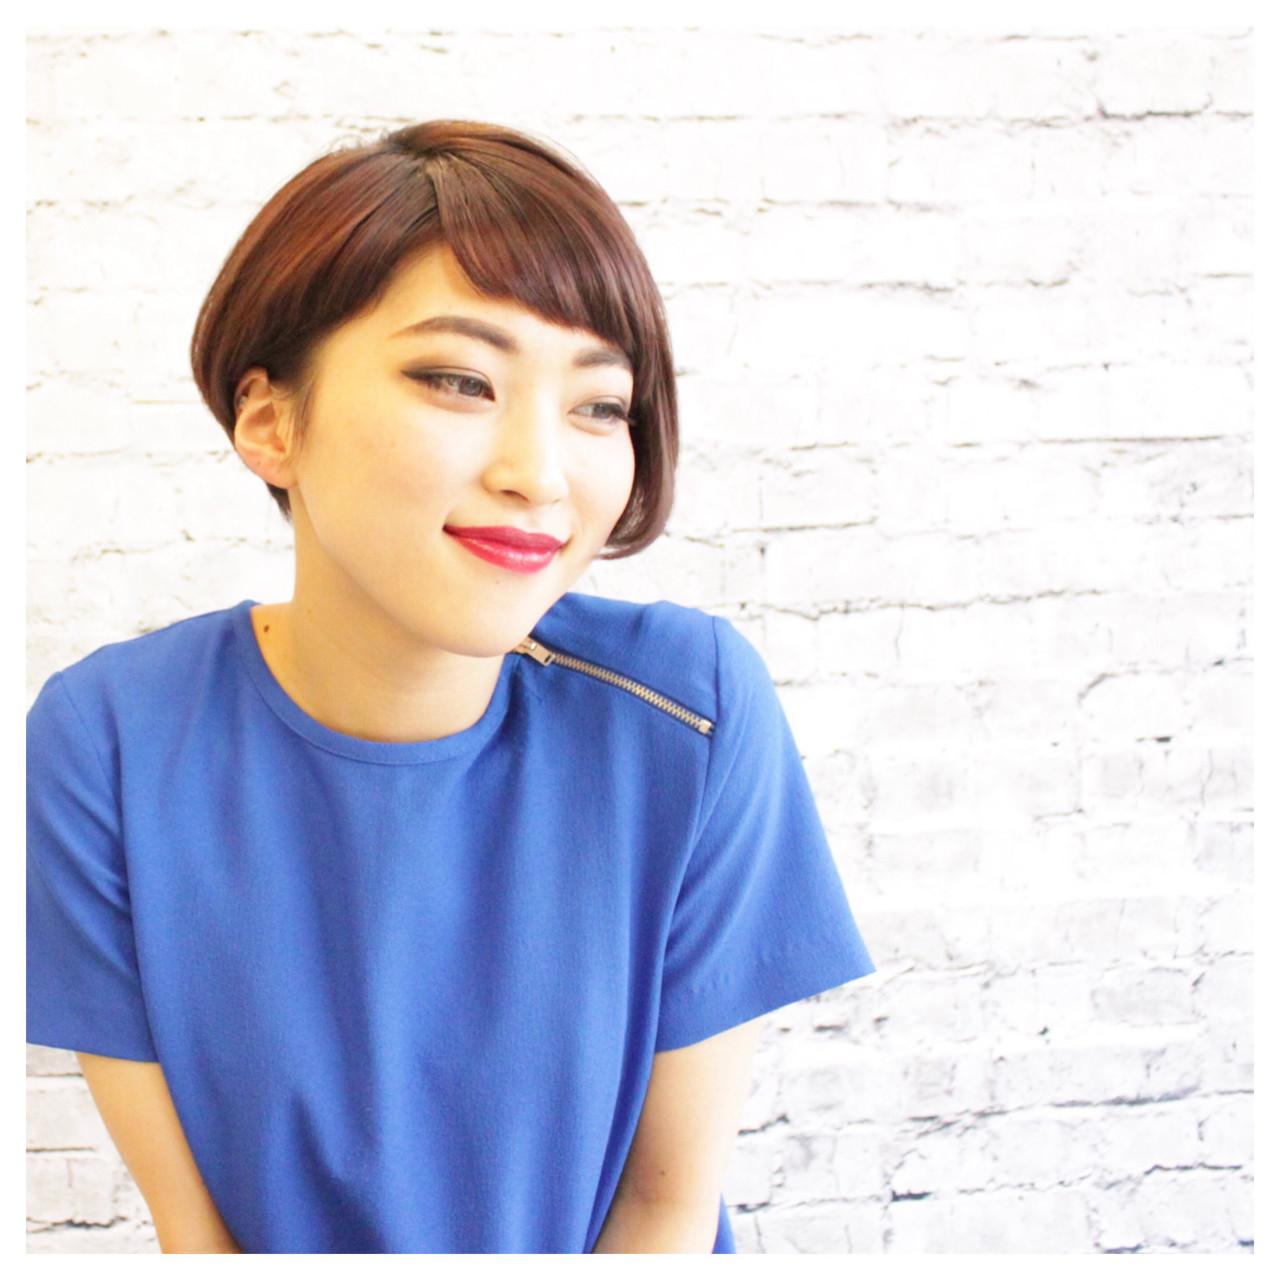 アシメな髪型トレンドカタログ2017♡セルフカット・アレンジ技も伝授♪ Syunichi Aoki/ bloom sweetヘアカラーを生かした艶髪のアシメショートはモード系な仕上がり。スパイスの効きがちなモードヘアは、毛先を丸いラインにスタイリングすることで丁度良い女性らしさになります。ヘルシー系アシメショート